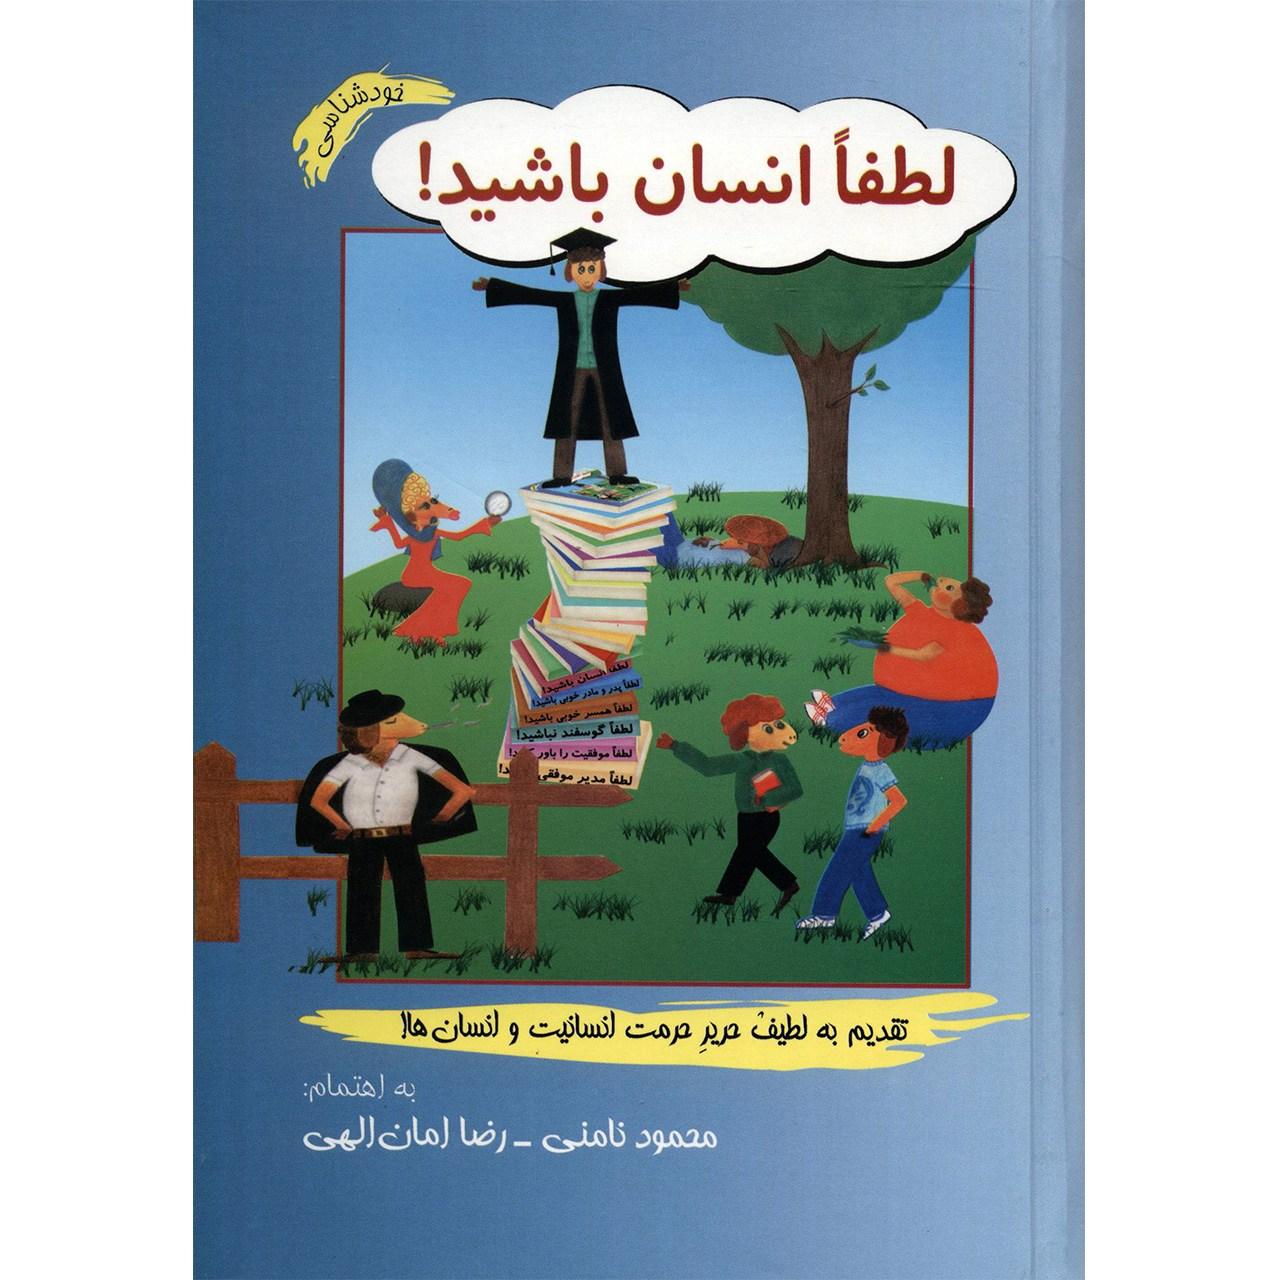 کتاب لطفا انسان باشید اثر محمود نامنی